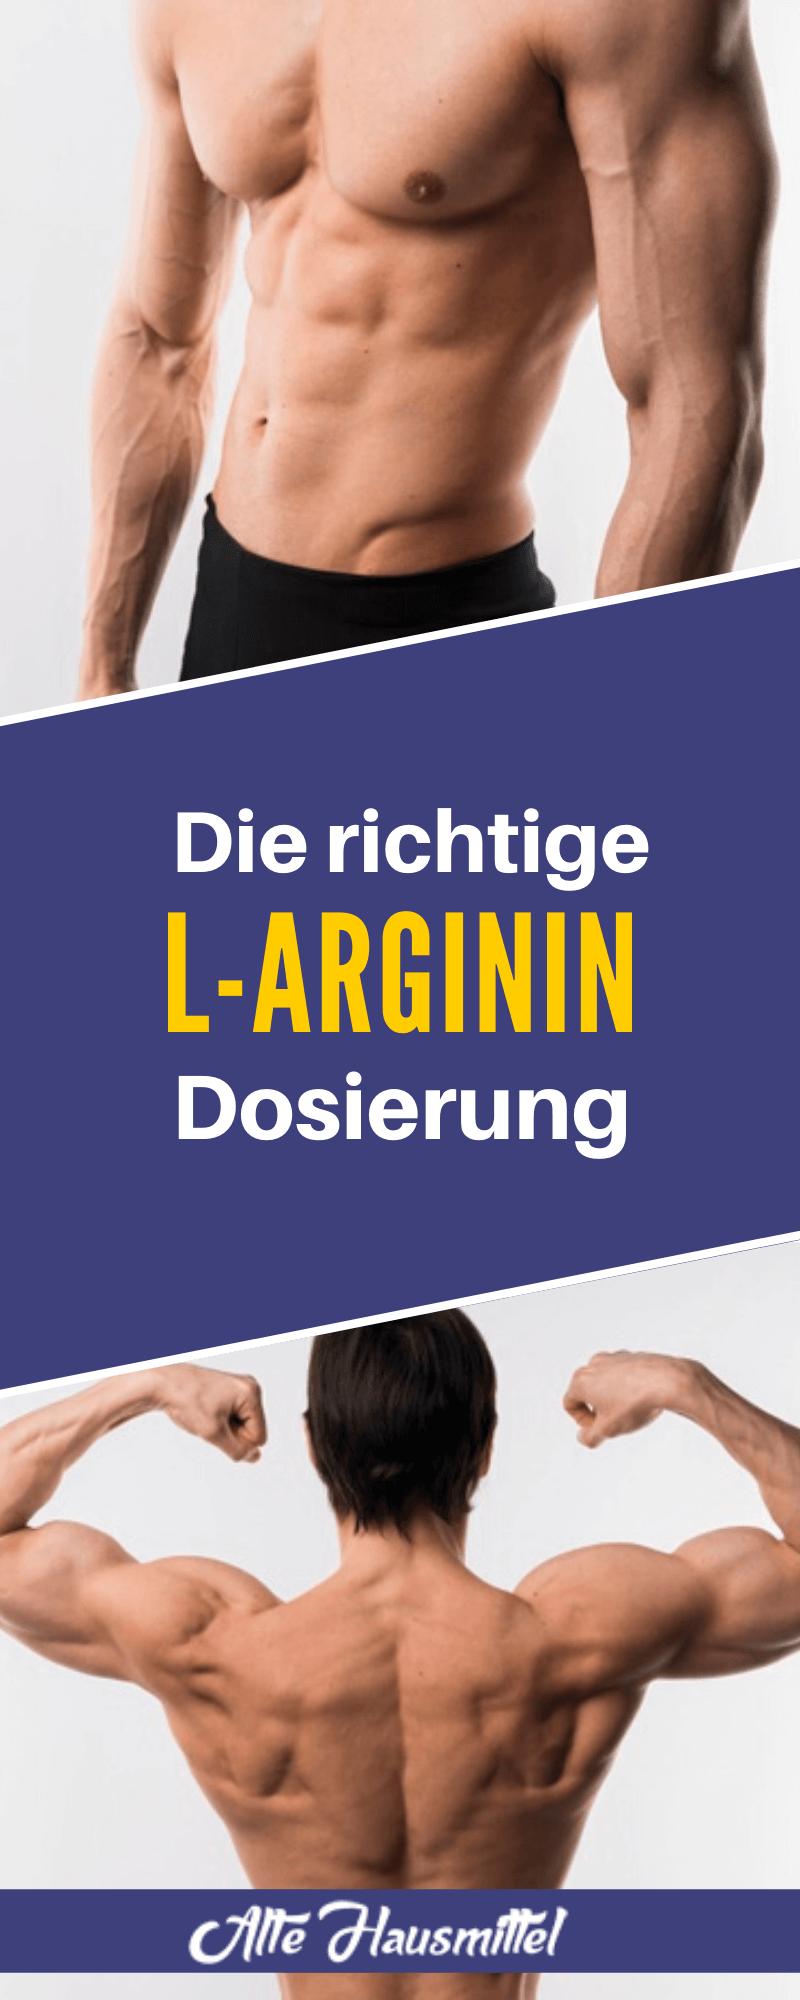 Die richtige L-Arginin Dosierung